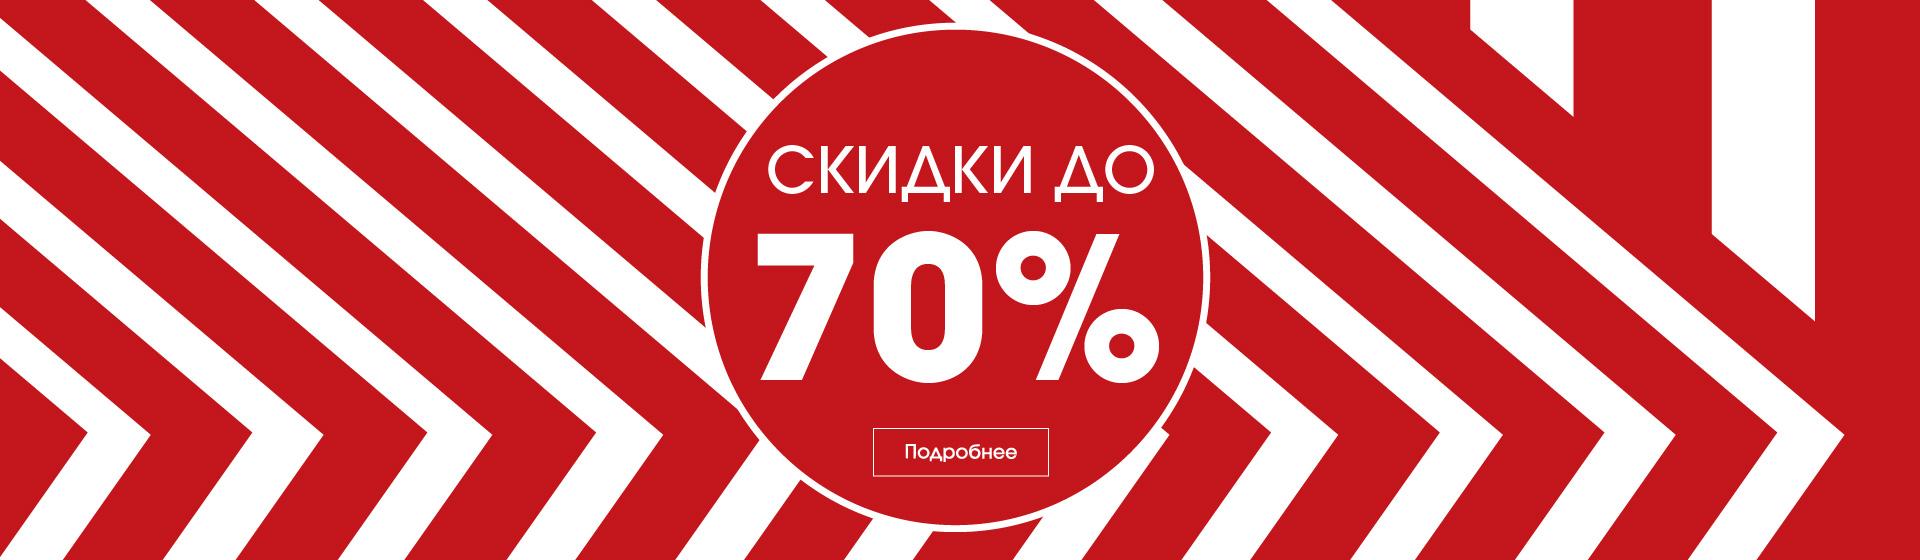 Скидка до 70%